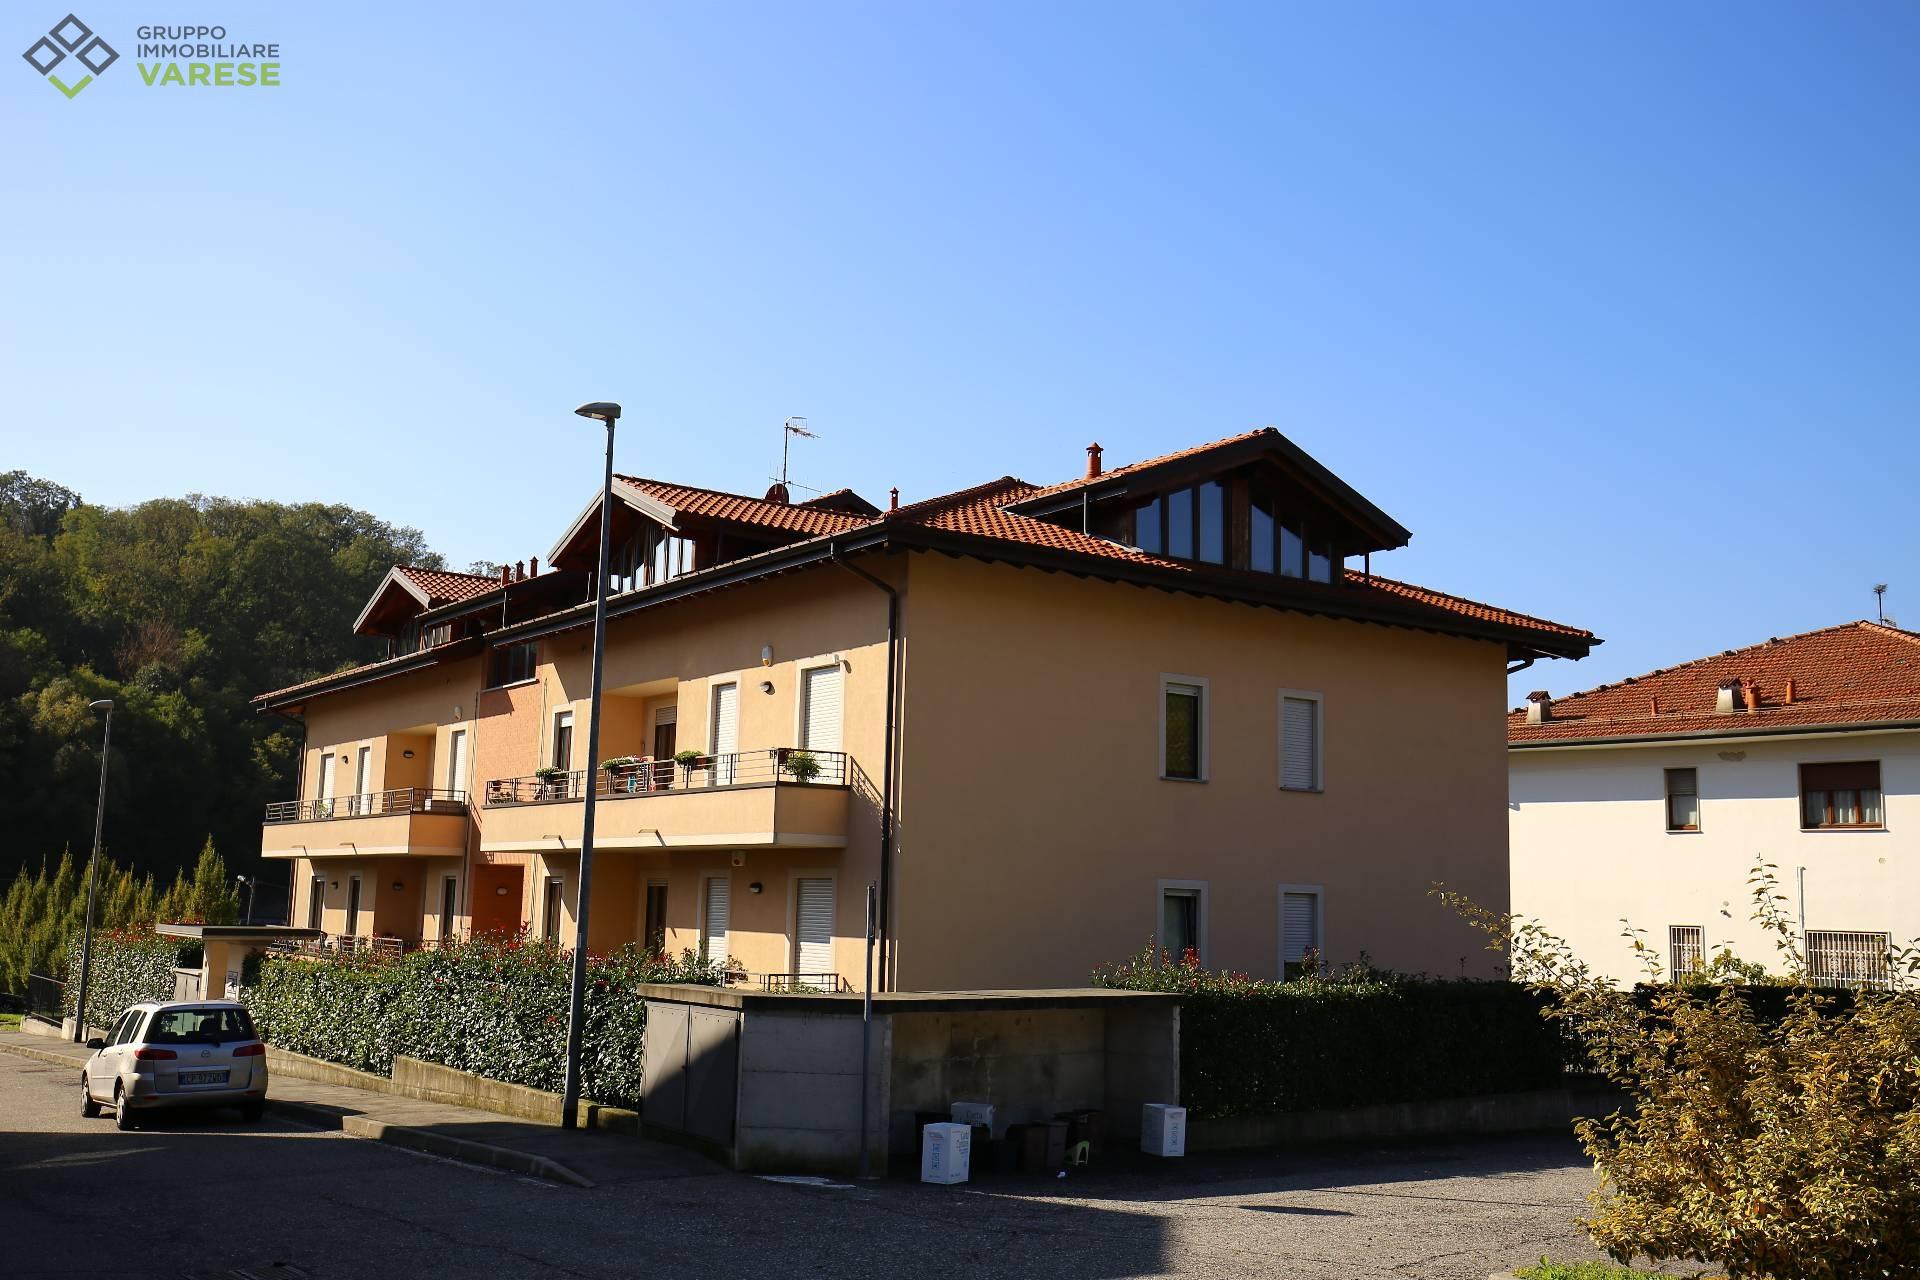 Attico / Mansarda in vendita a Cittiglio, 2 locali, prezzo € 75.000 | CambioCasa.it